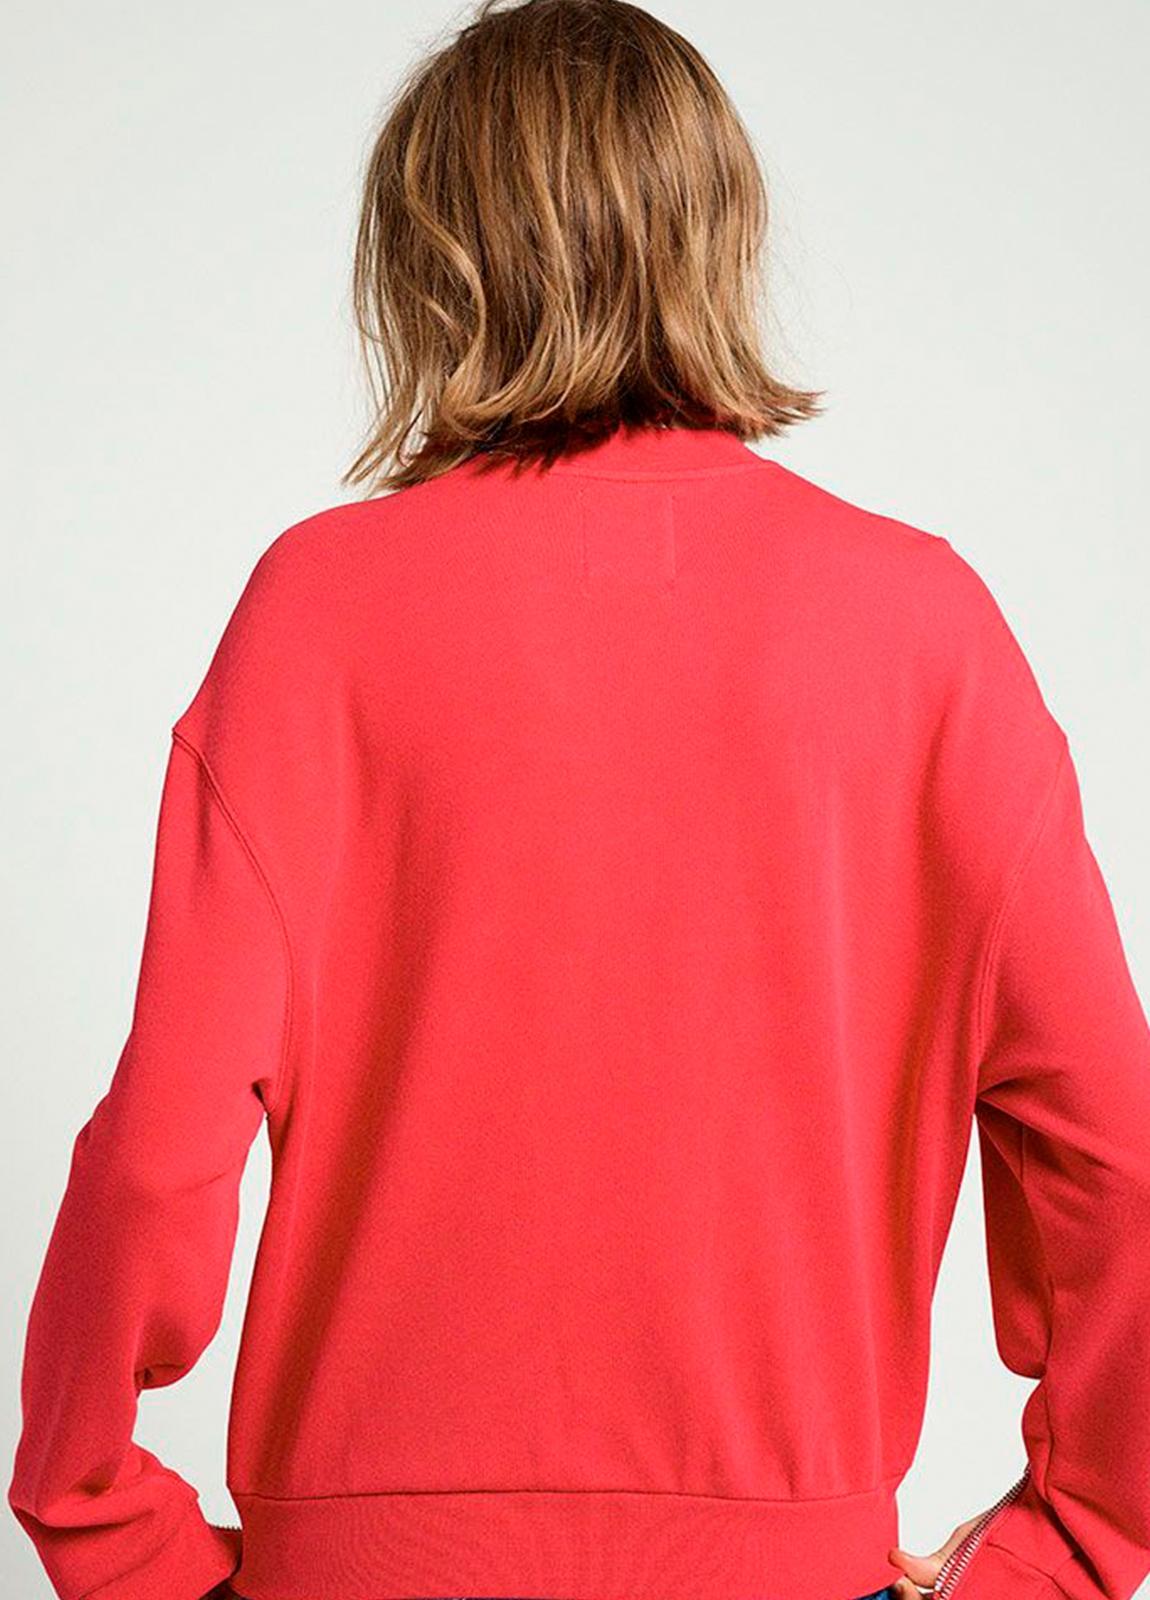 Sudadera cuello redondo color rojo con estampado gráfico. 60% Algodón 40% Poliéster. - Ítem2